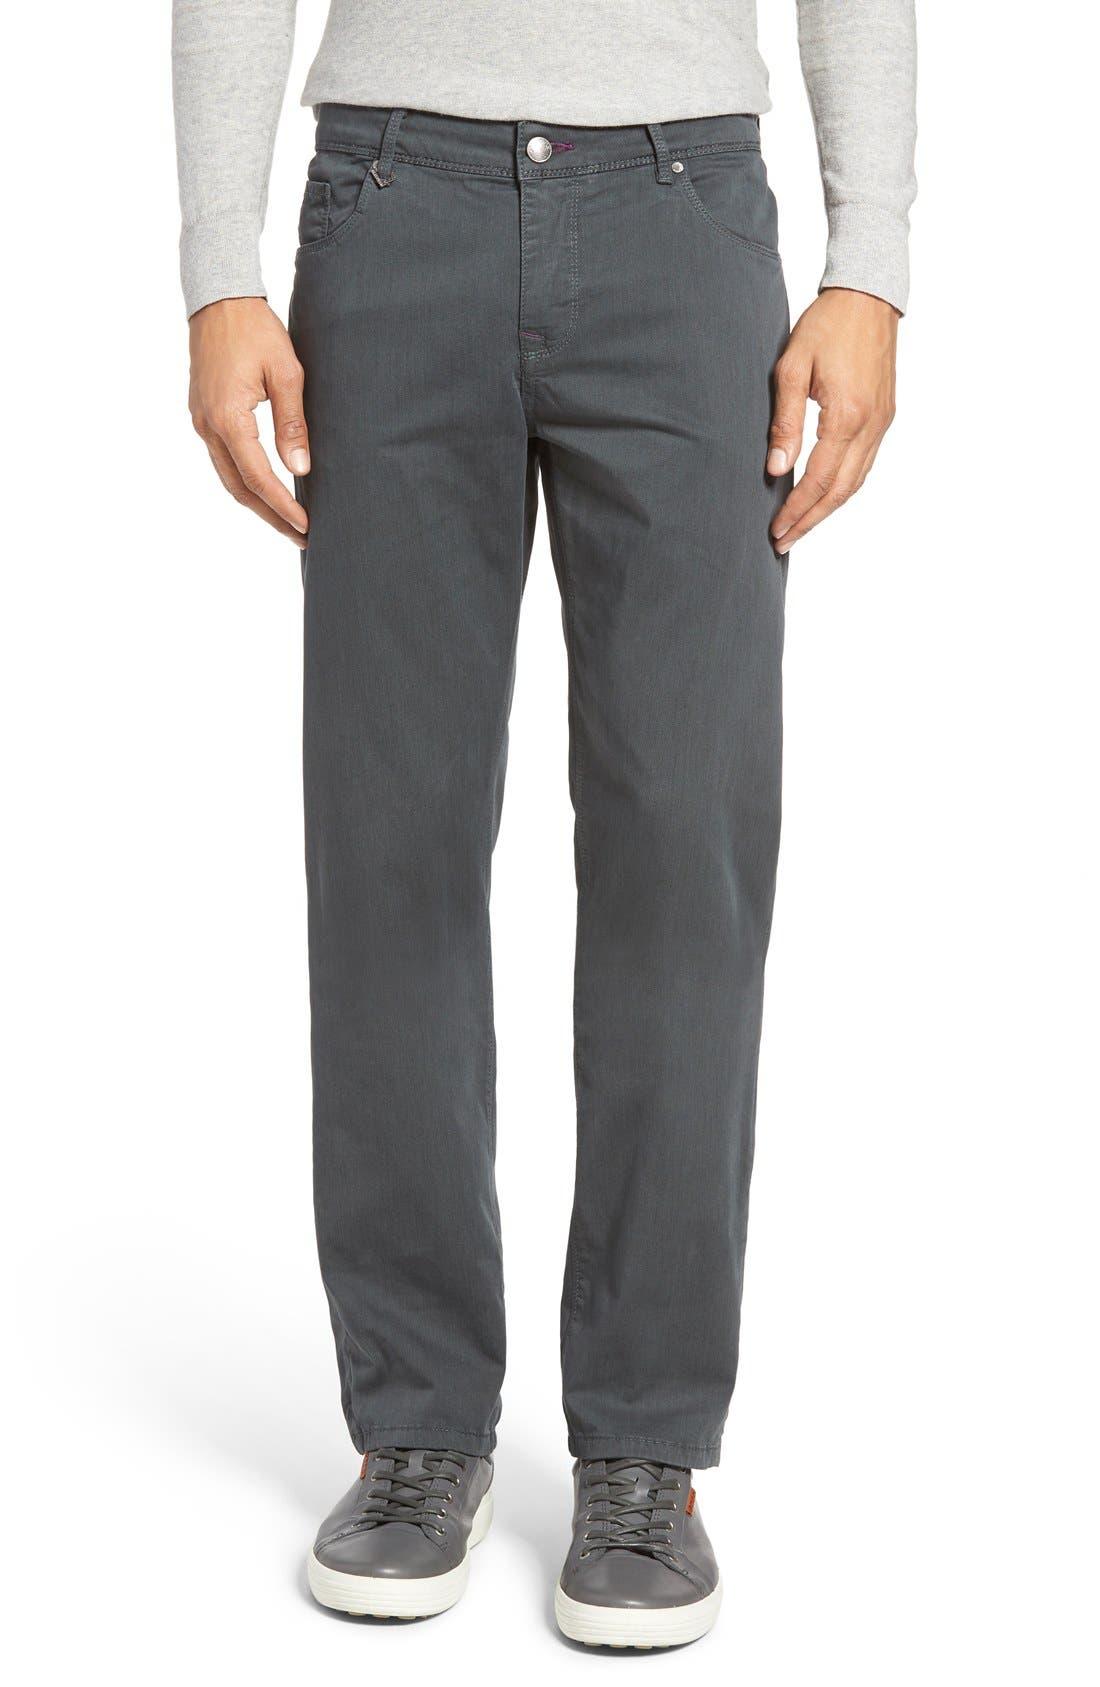 Alternate Image 1 Selected - Bugatchi Slim Fit Five-Pocket Pants